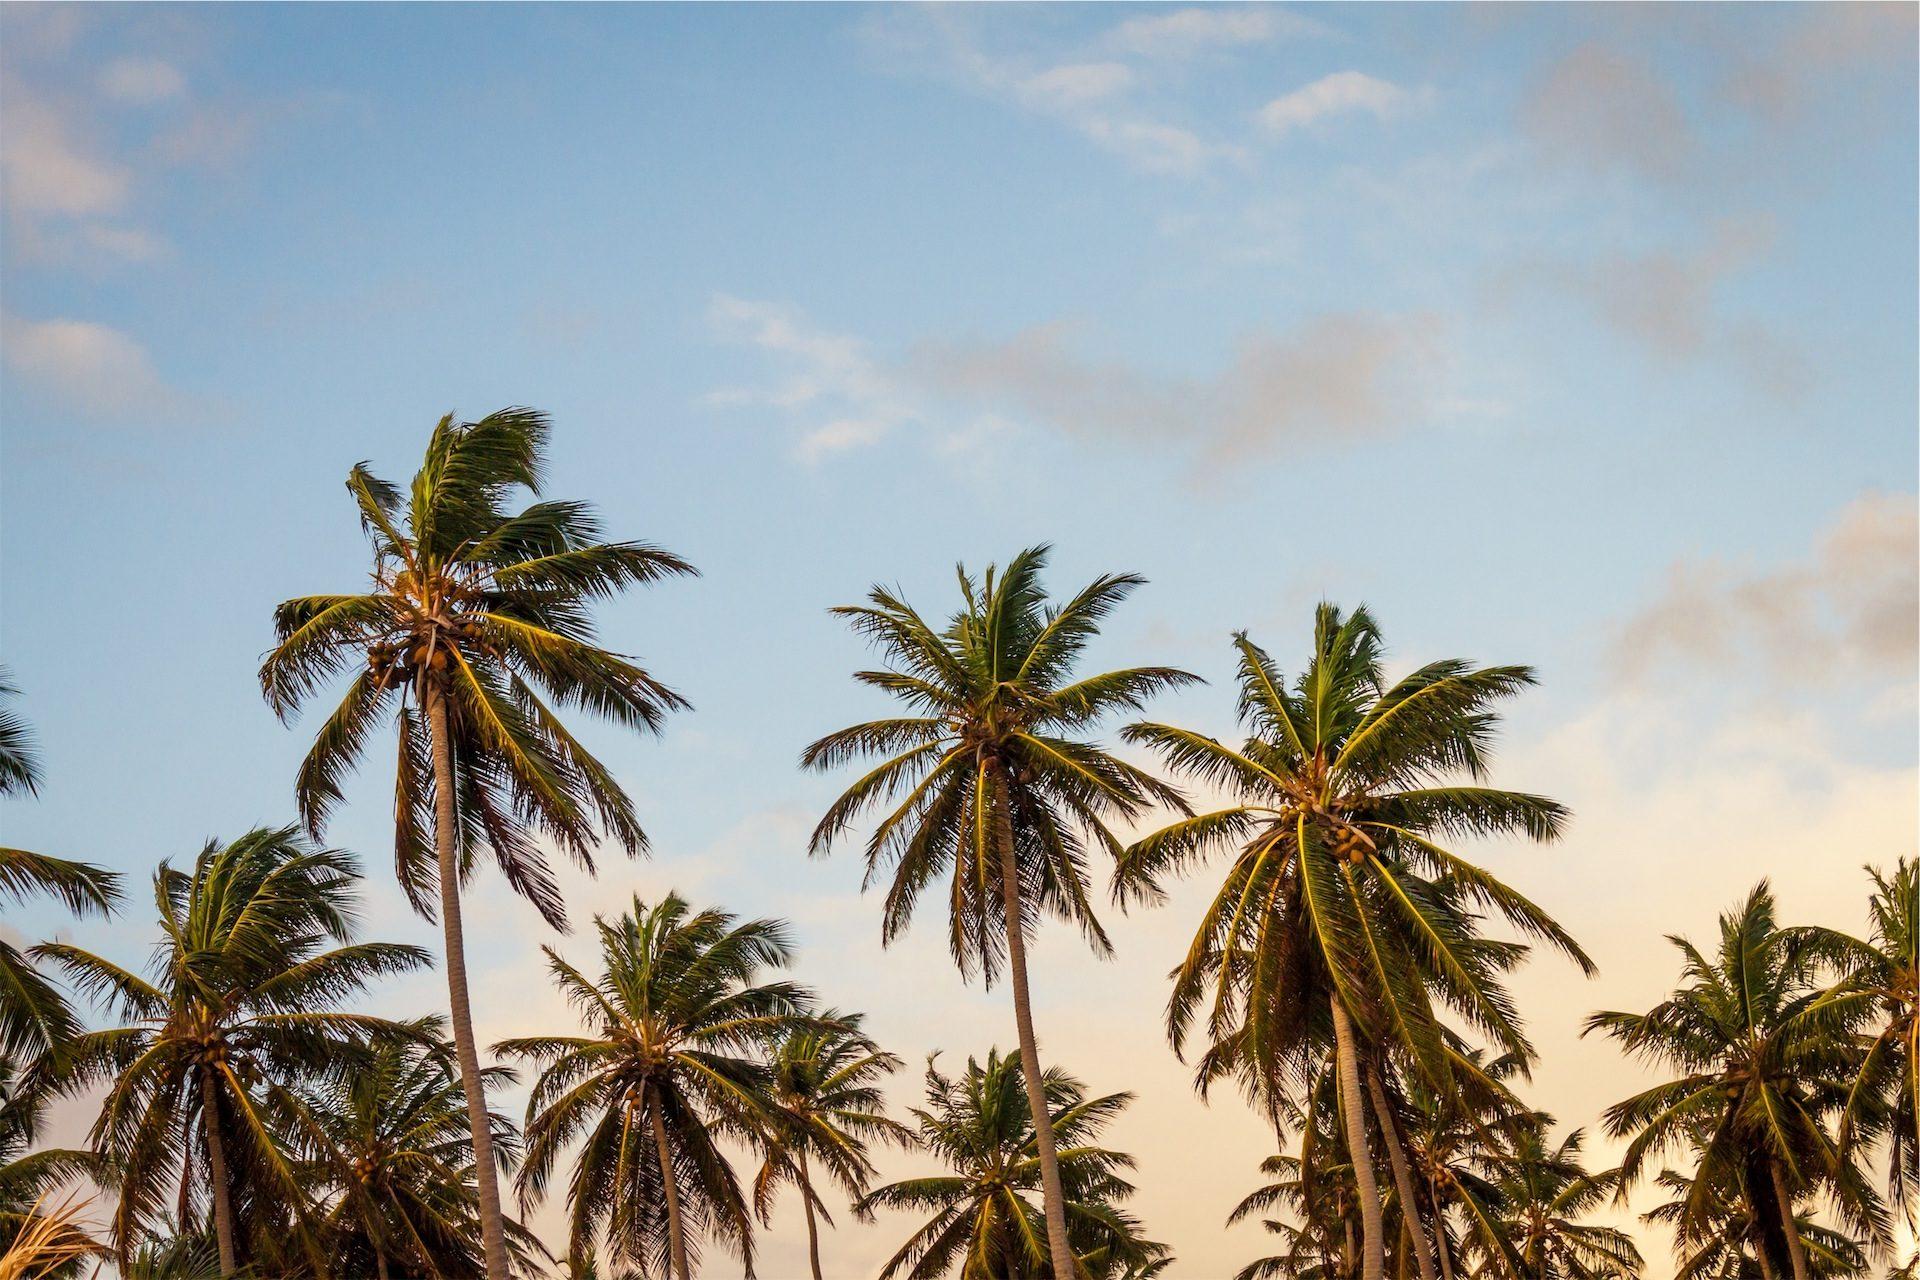 Palmen, OASE, Himmel, Wolken, Entspannen Sie sich - Wallpaper HD - Prof.-falken.com